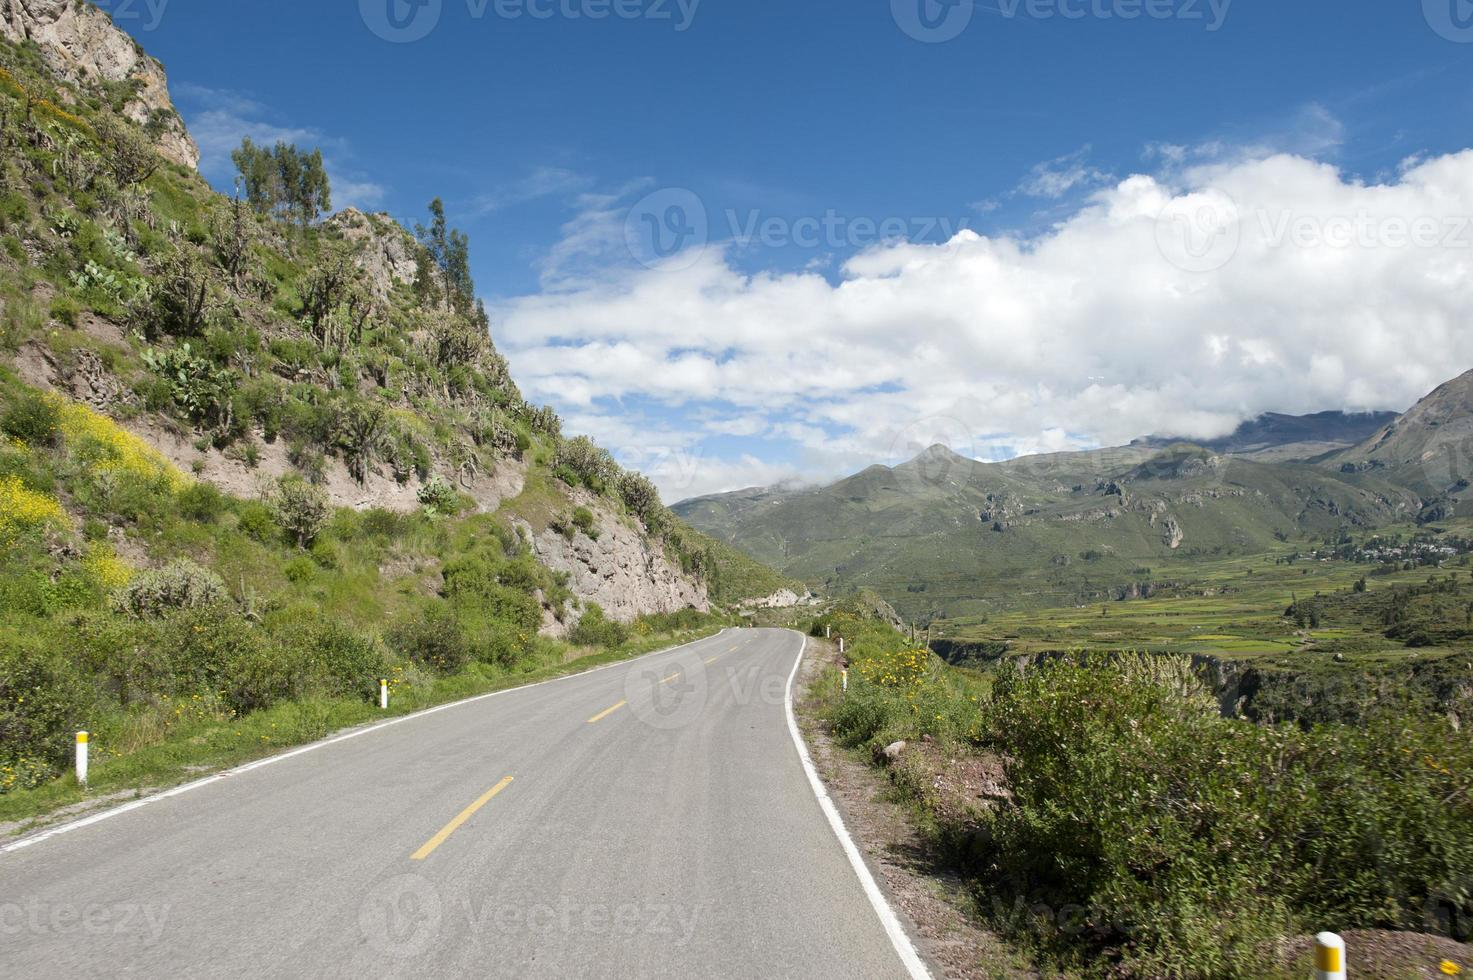 Peruvian Roadway photo